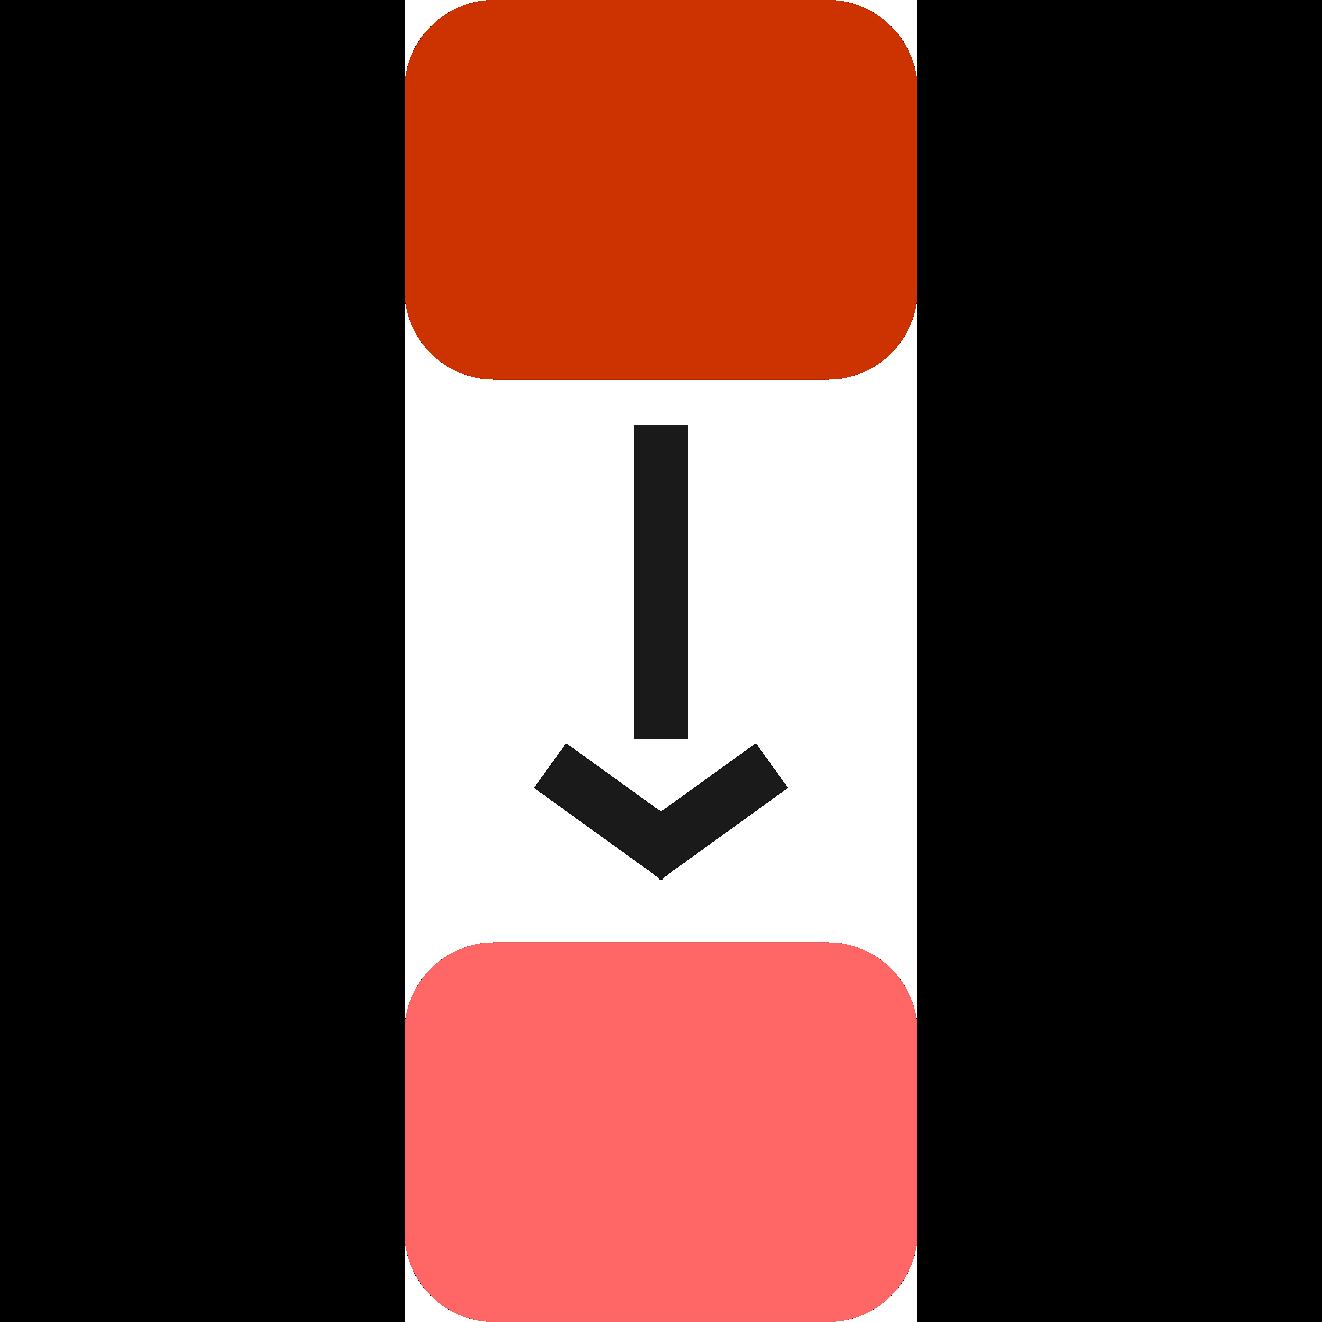 2, workflow icon